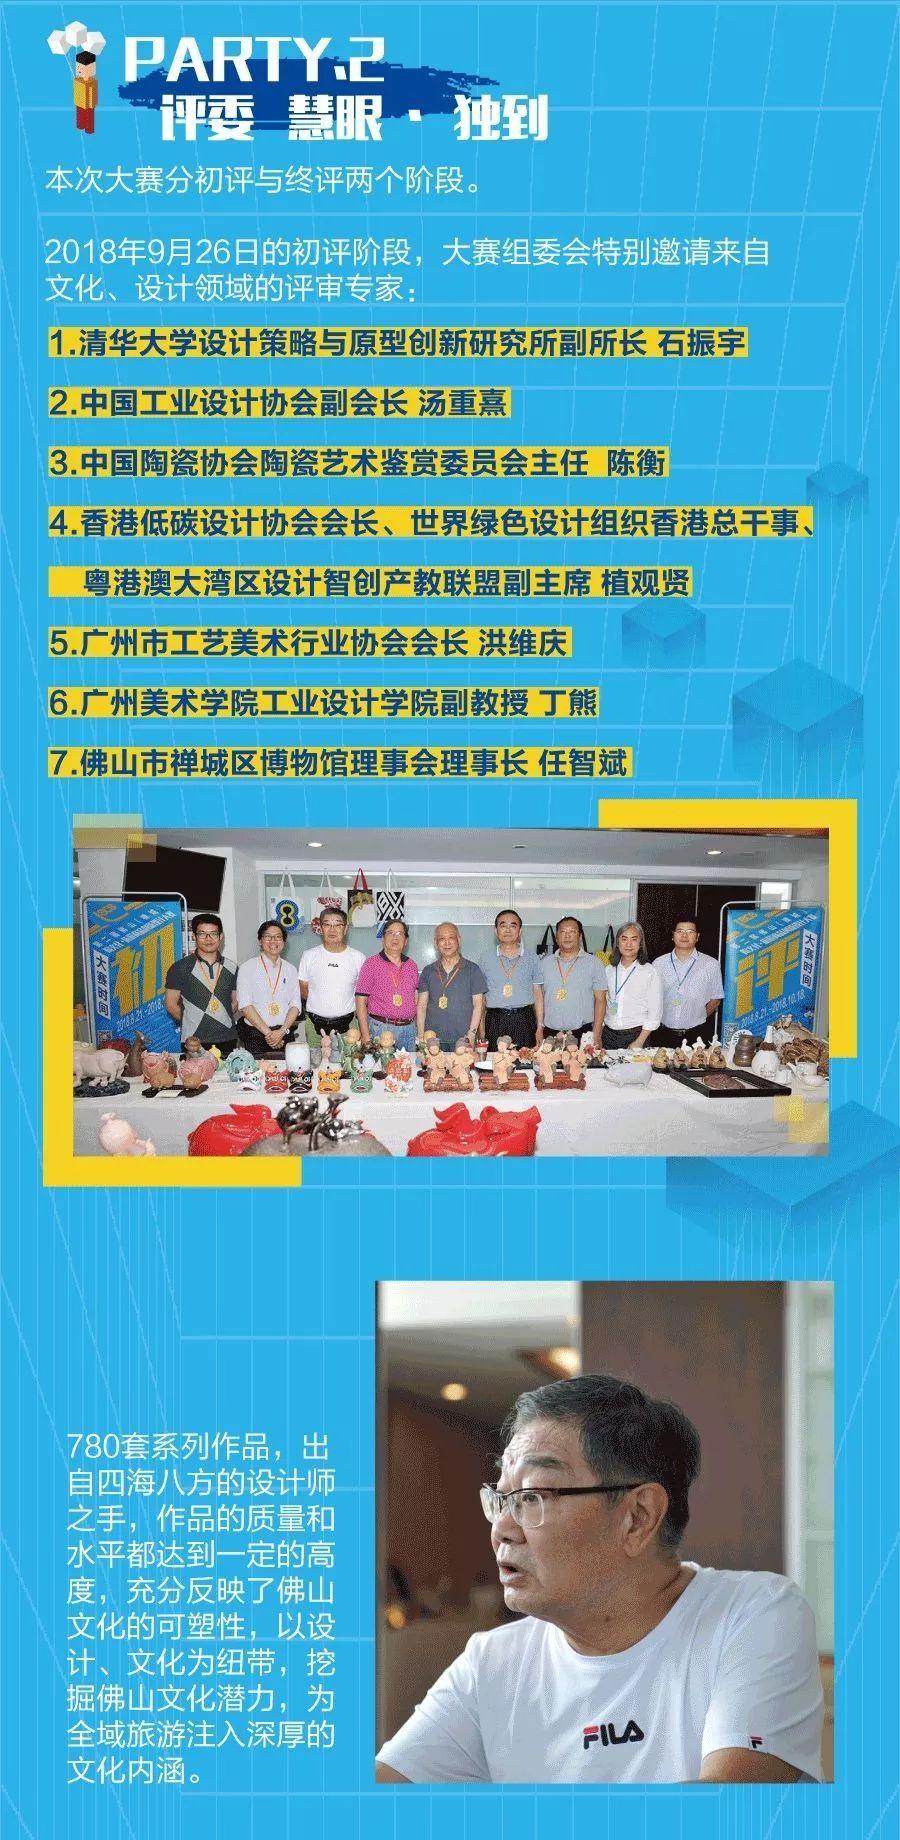 陶文化·旅游商品创新设计大赛入围作品揭晓!人气奖pk今日开启图片